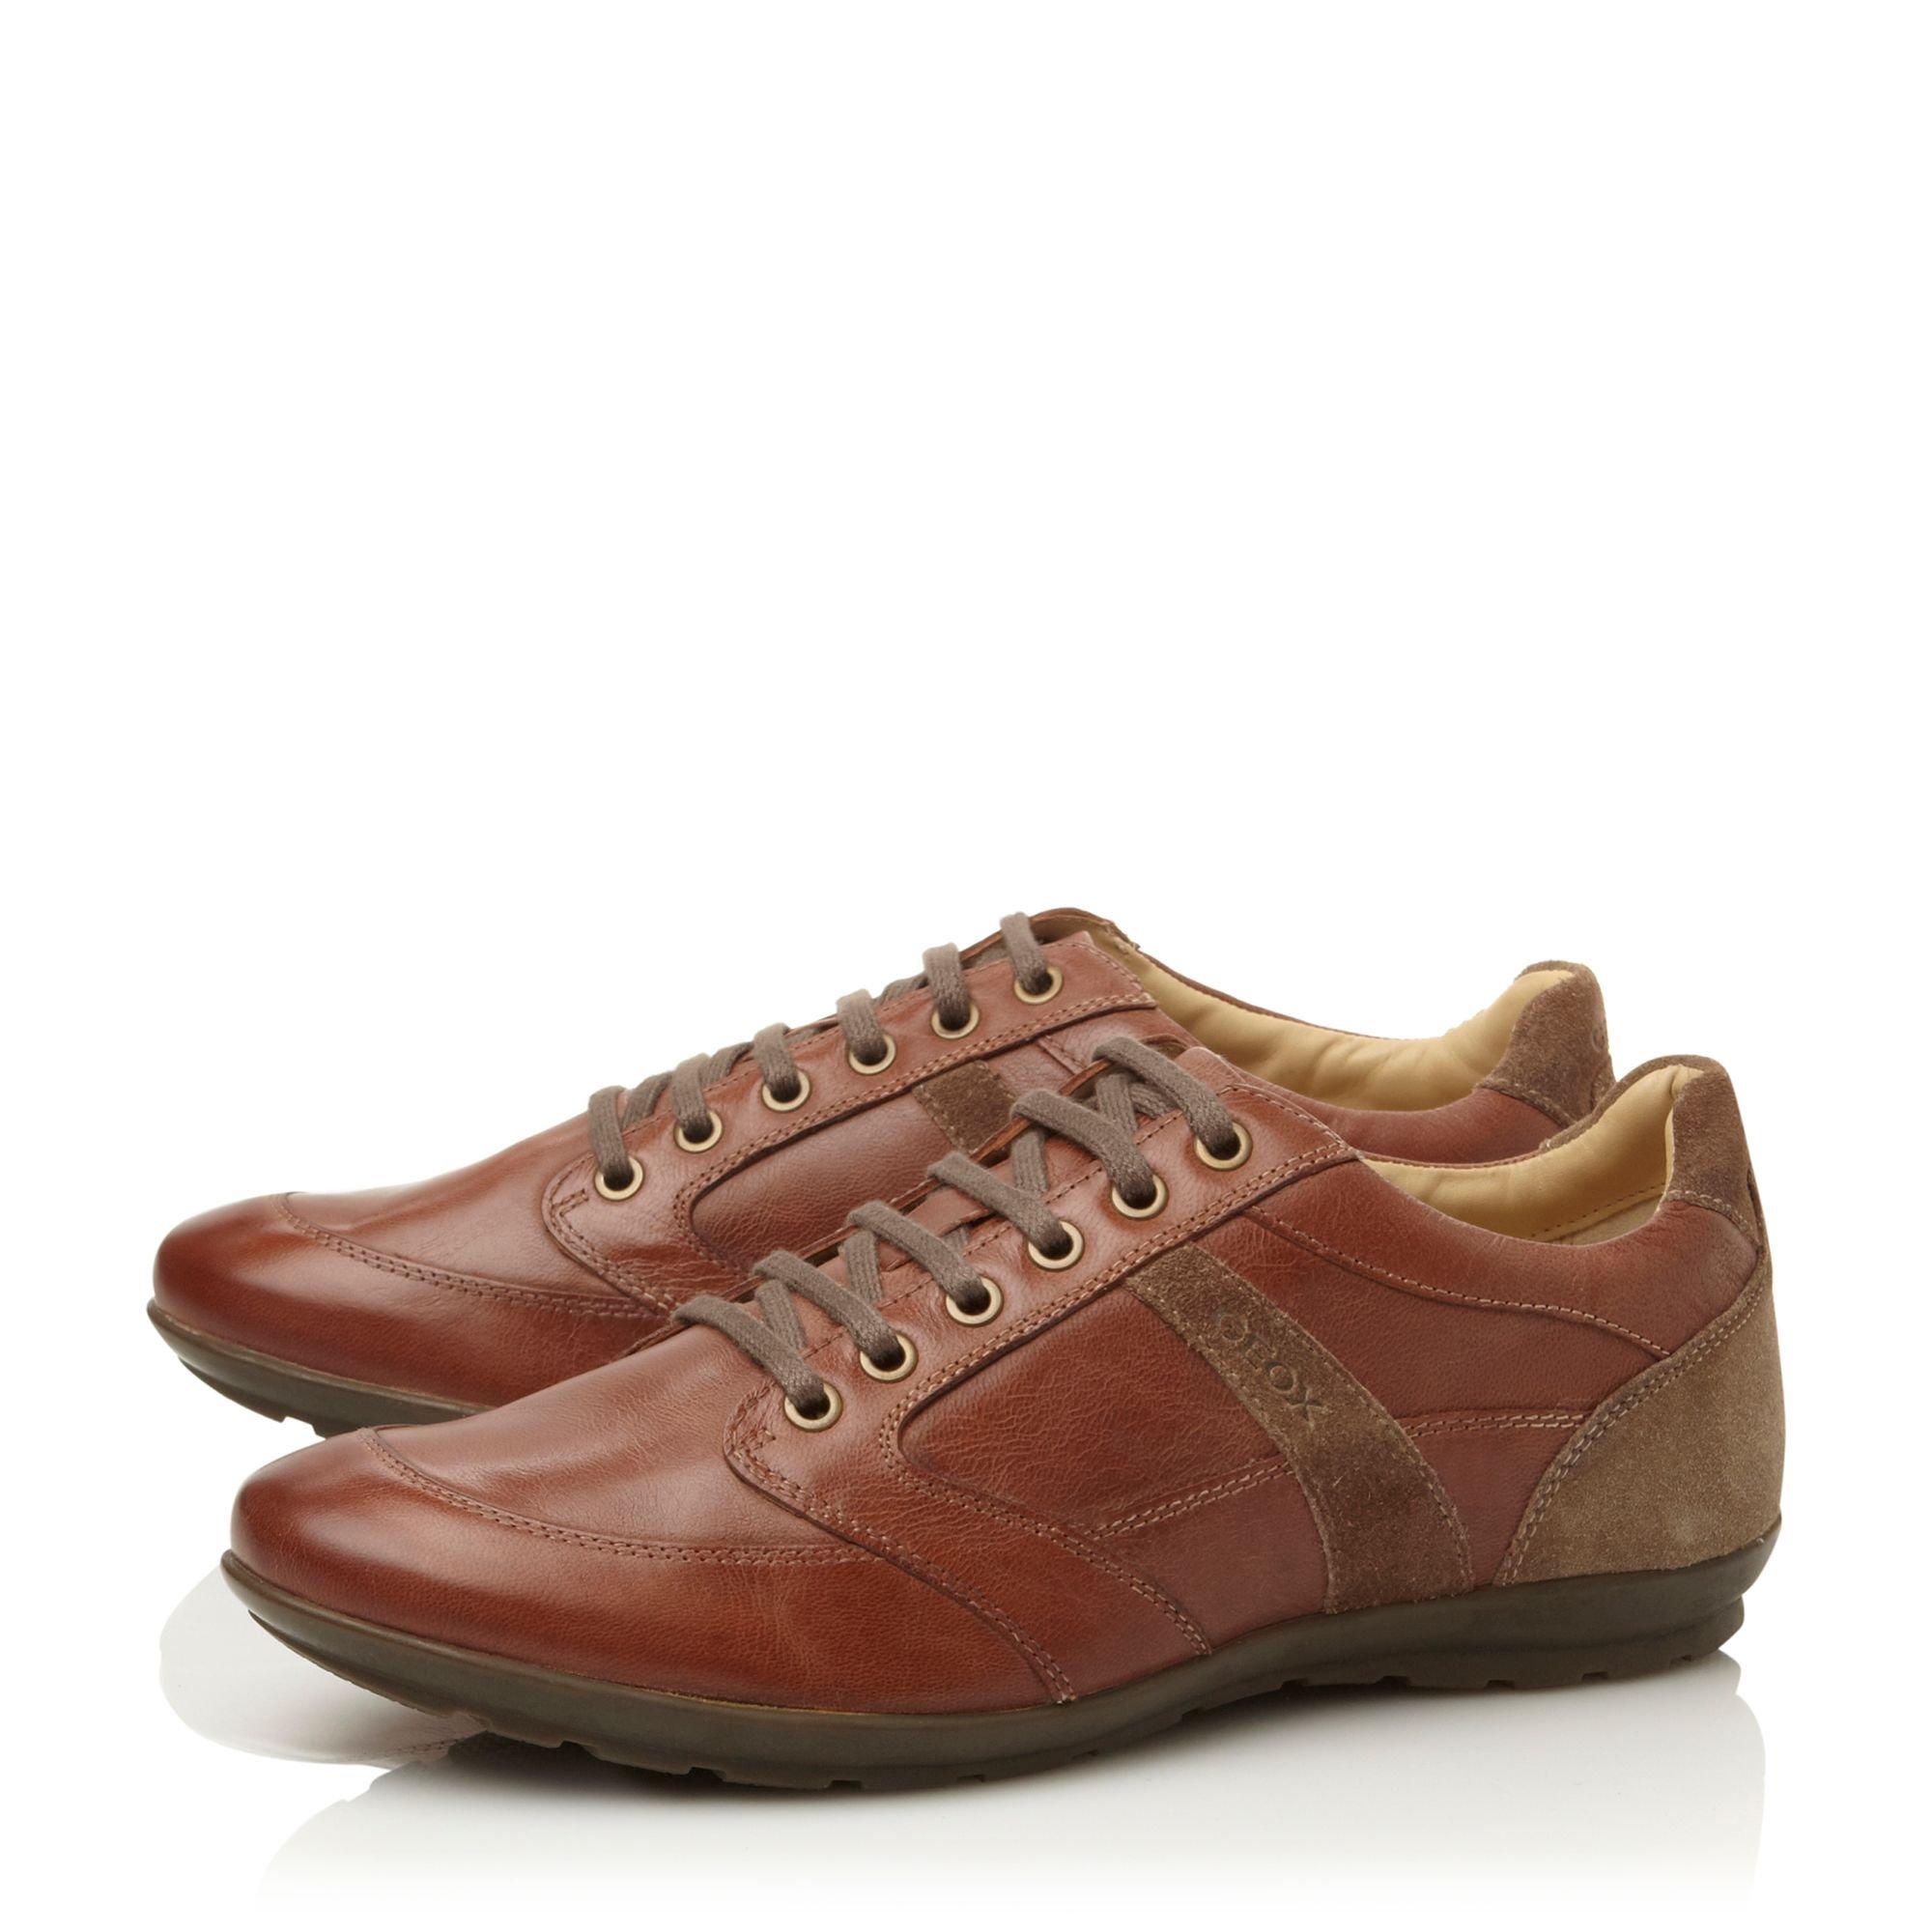 Maison Margiela Men S Shoes